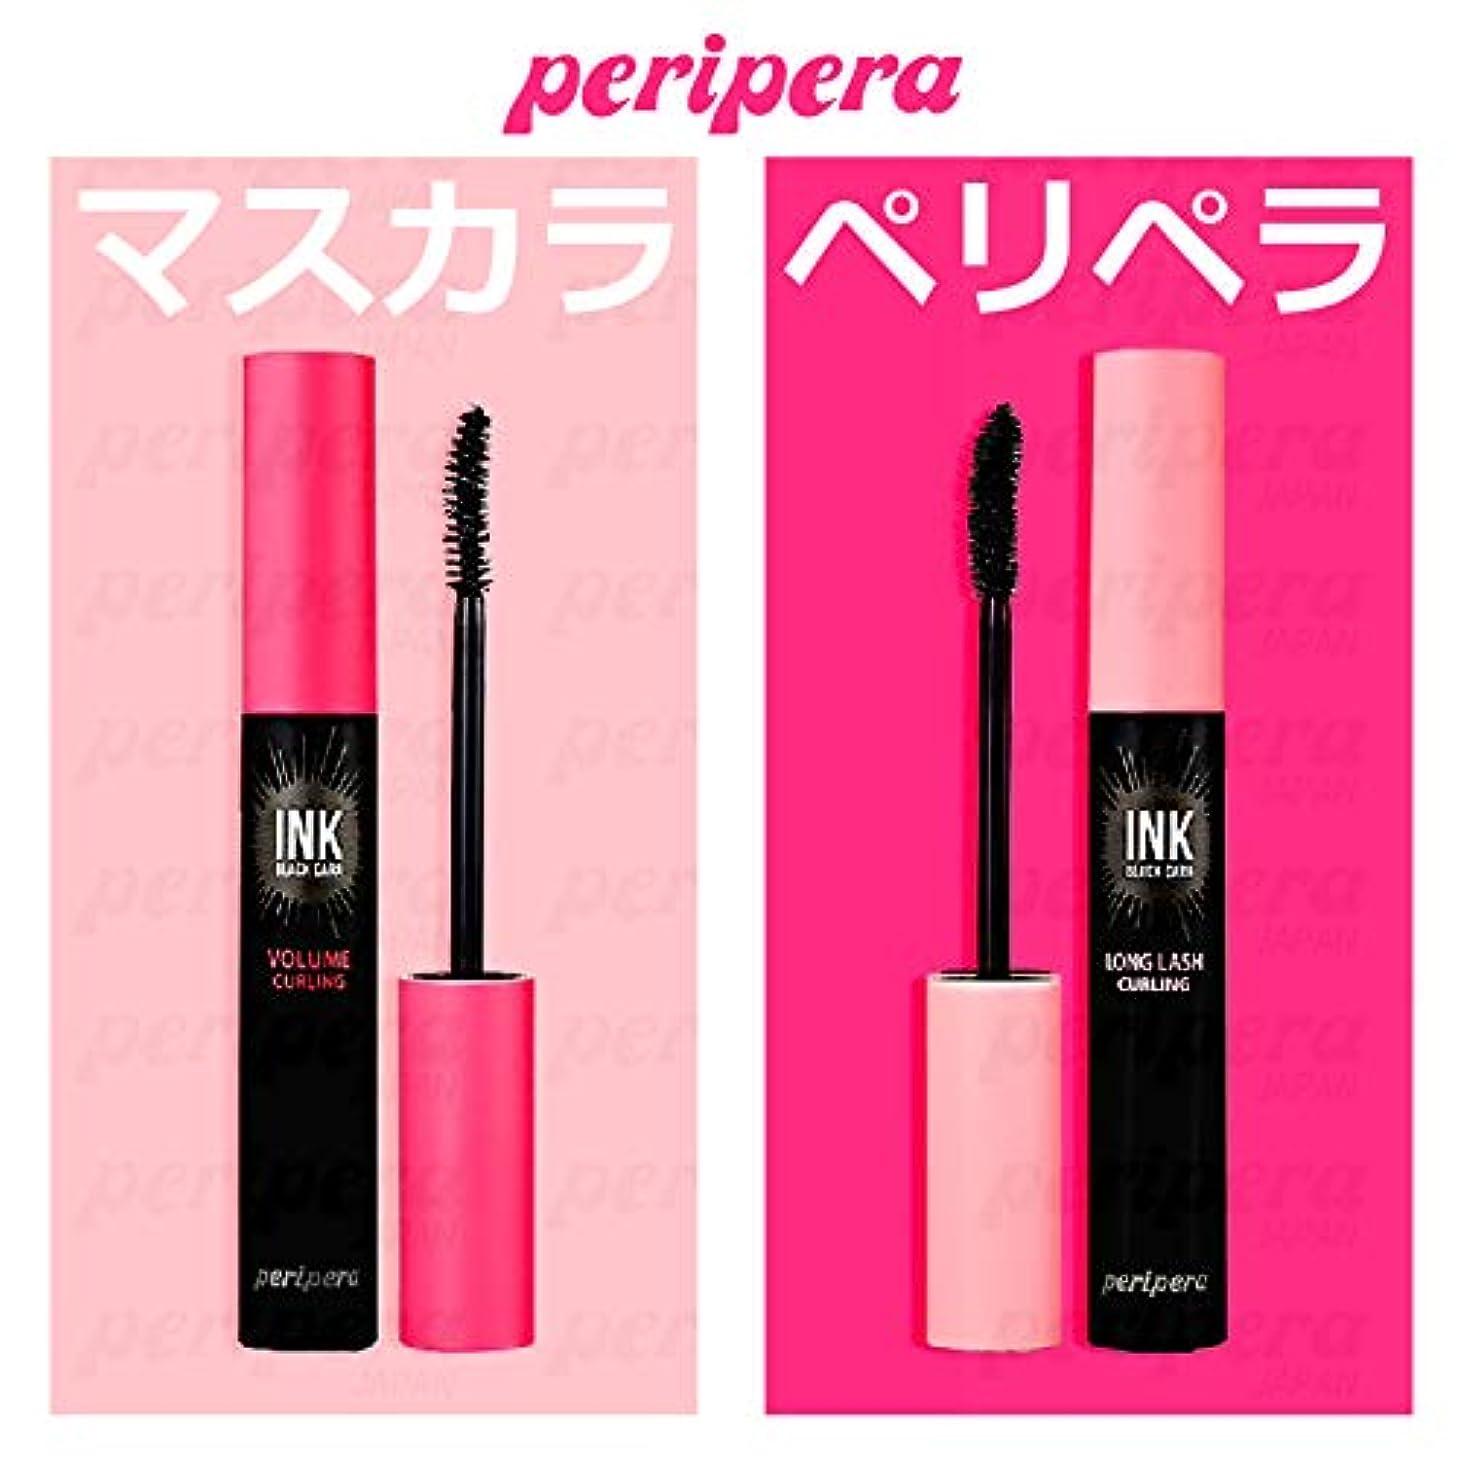 集計生むアグネスグレイ[New] Peripera Ink Black Cara (#1 Long Lash Curling) / ペリペラ インクブラックカラ(#1ロング) [並行輸入品]